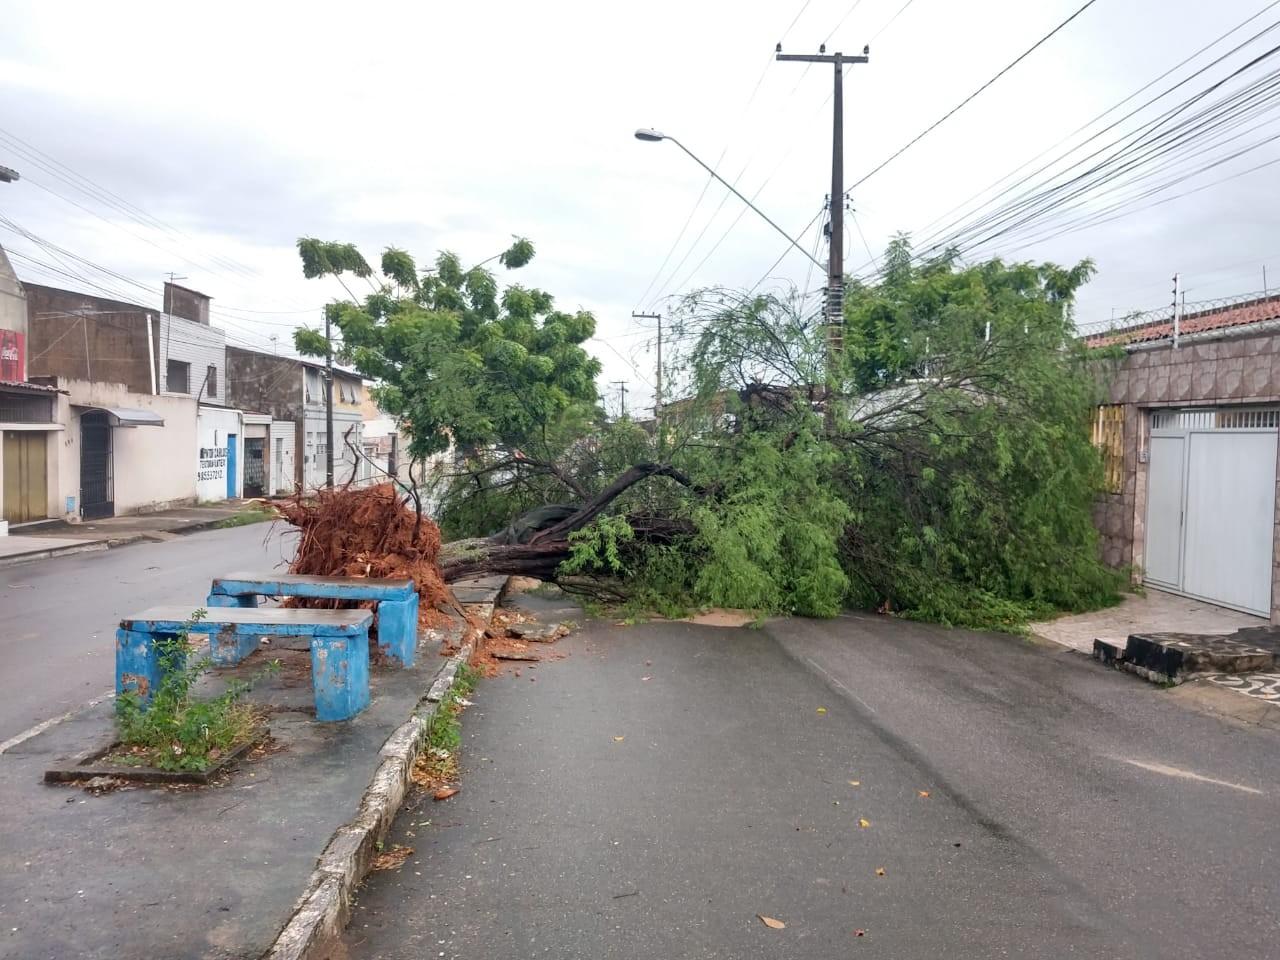 Fortaleza registra rajadas de vento de 49 km/h entre quarta e quinta-feira